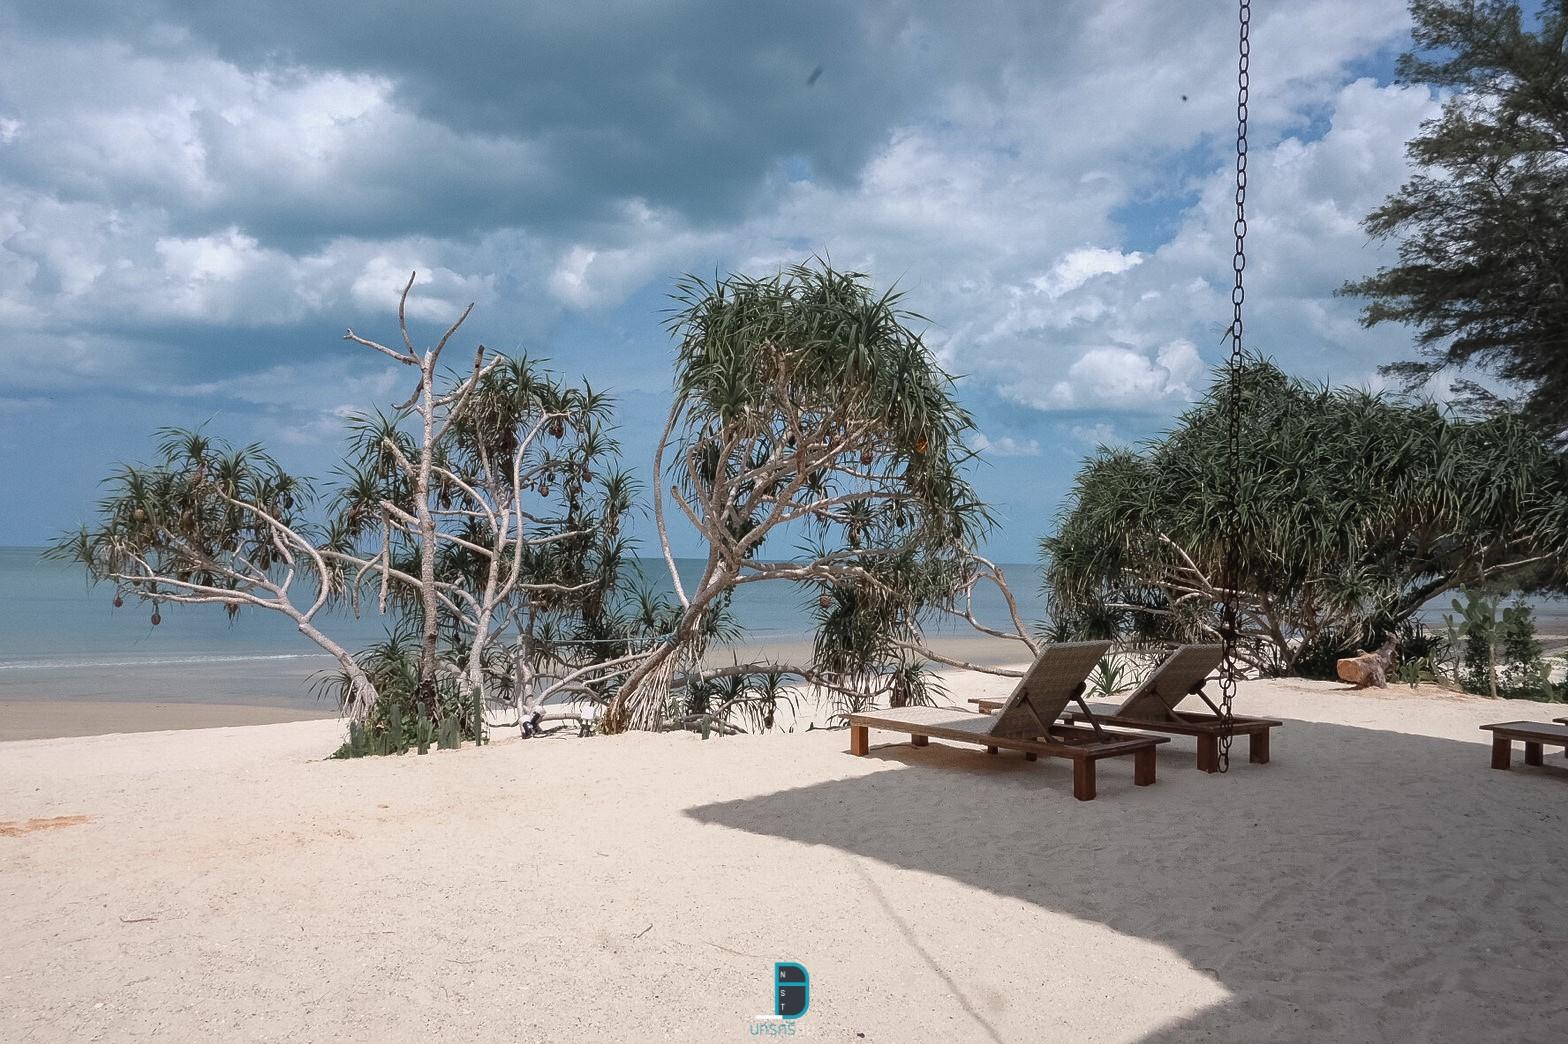 ขนอม เที่ยวไหนดี 3 วัน 2 คืน จุดเช็คอินแห่งท้องทะเล ป่าเขา ธรรมชาติ นครศรีธรรมราช นครศรีดีย์